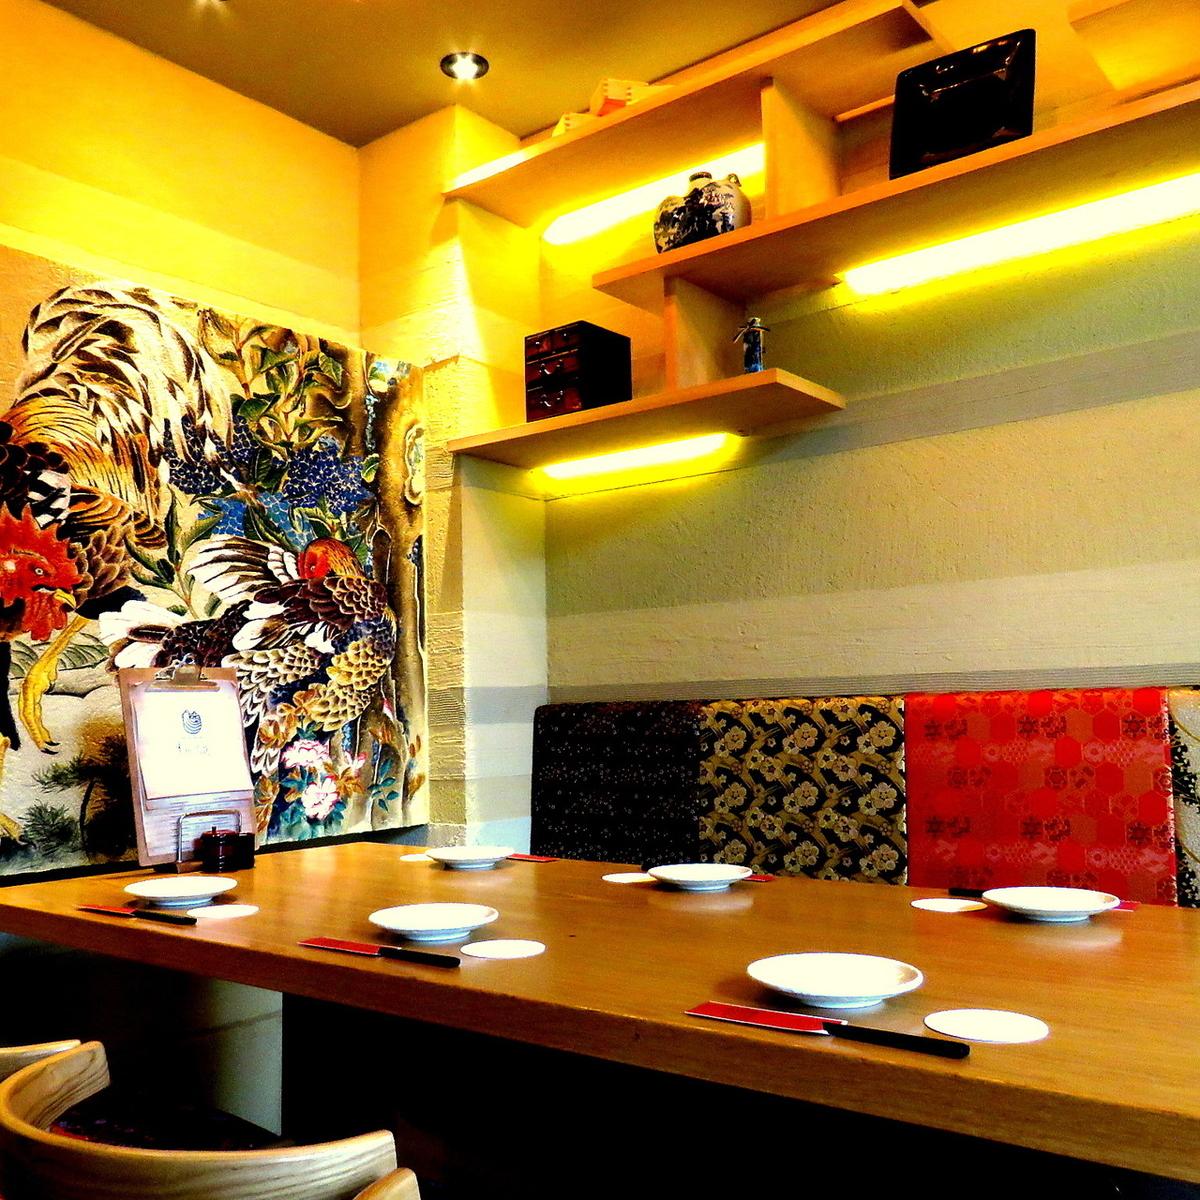 完全個室!!黄金の茶室をイメージした個室です。鶏の絵が描かれた個室。会合や接待にもご利用いただけます。※クーポン;5名様以上のご予約で個室チャージ料無料